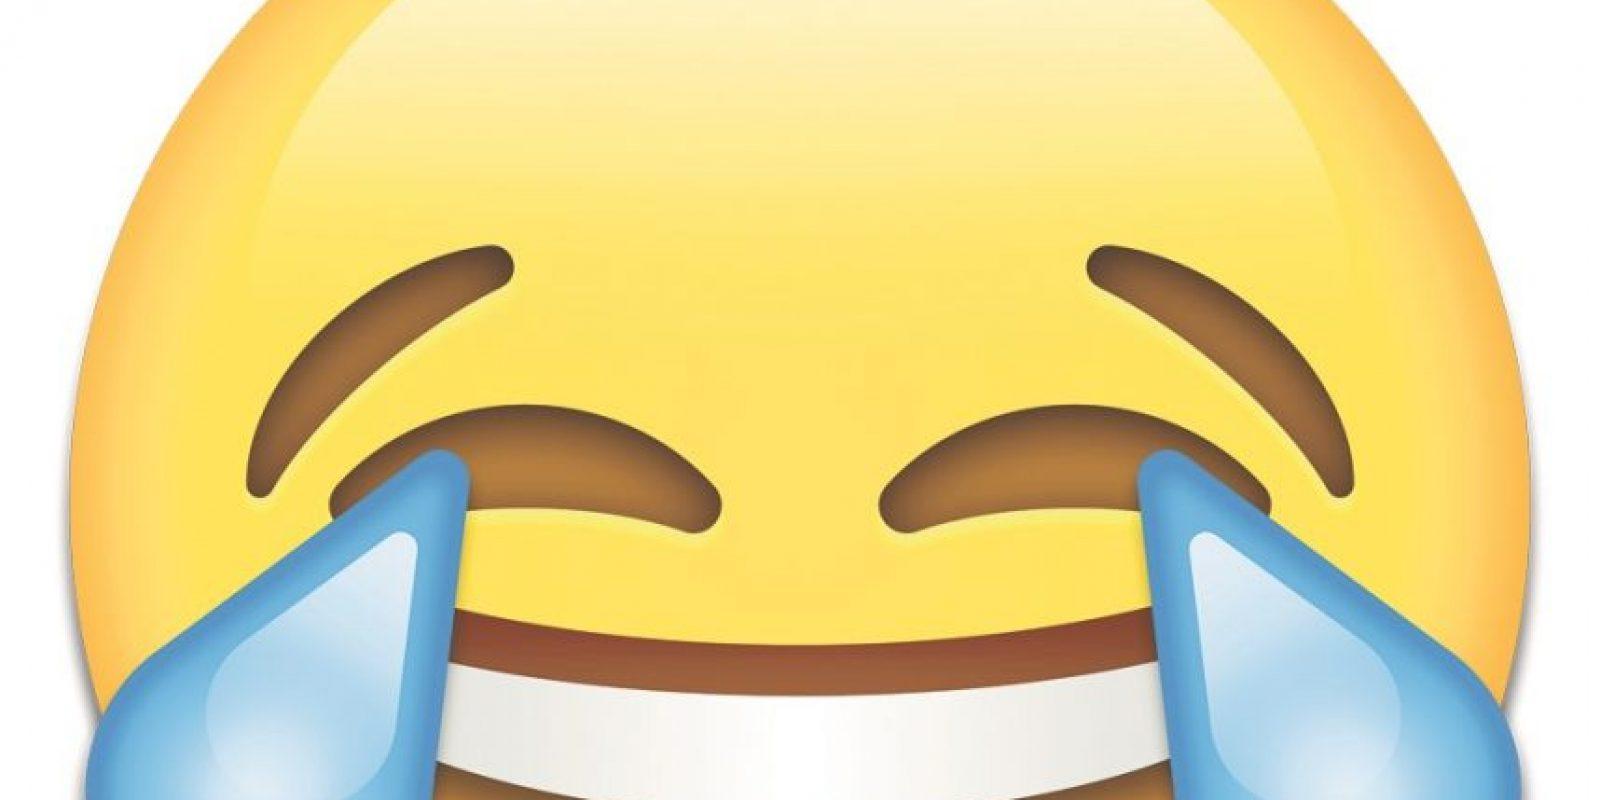 """Emoji. El emoji de 'cara con lágrimas de alegría' se eligió como la Palabra del Año de los Diccionarios Oxford por ser el emoji más utilizado a nivel mundial durante 2015. La empresa de tecnología móvil SwiftKey encontró que el emoji de la """"cara con lágrimas de alegría"""" compuso el 20 por ciento de todos los emojis utilizados en el Reino Unido durante 2015, y el 17 por ciento de los usados en los Estados Unidos. Foto:Fuente Externa"""